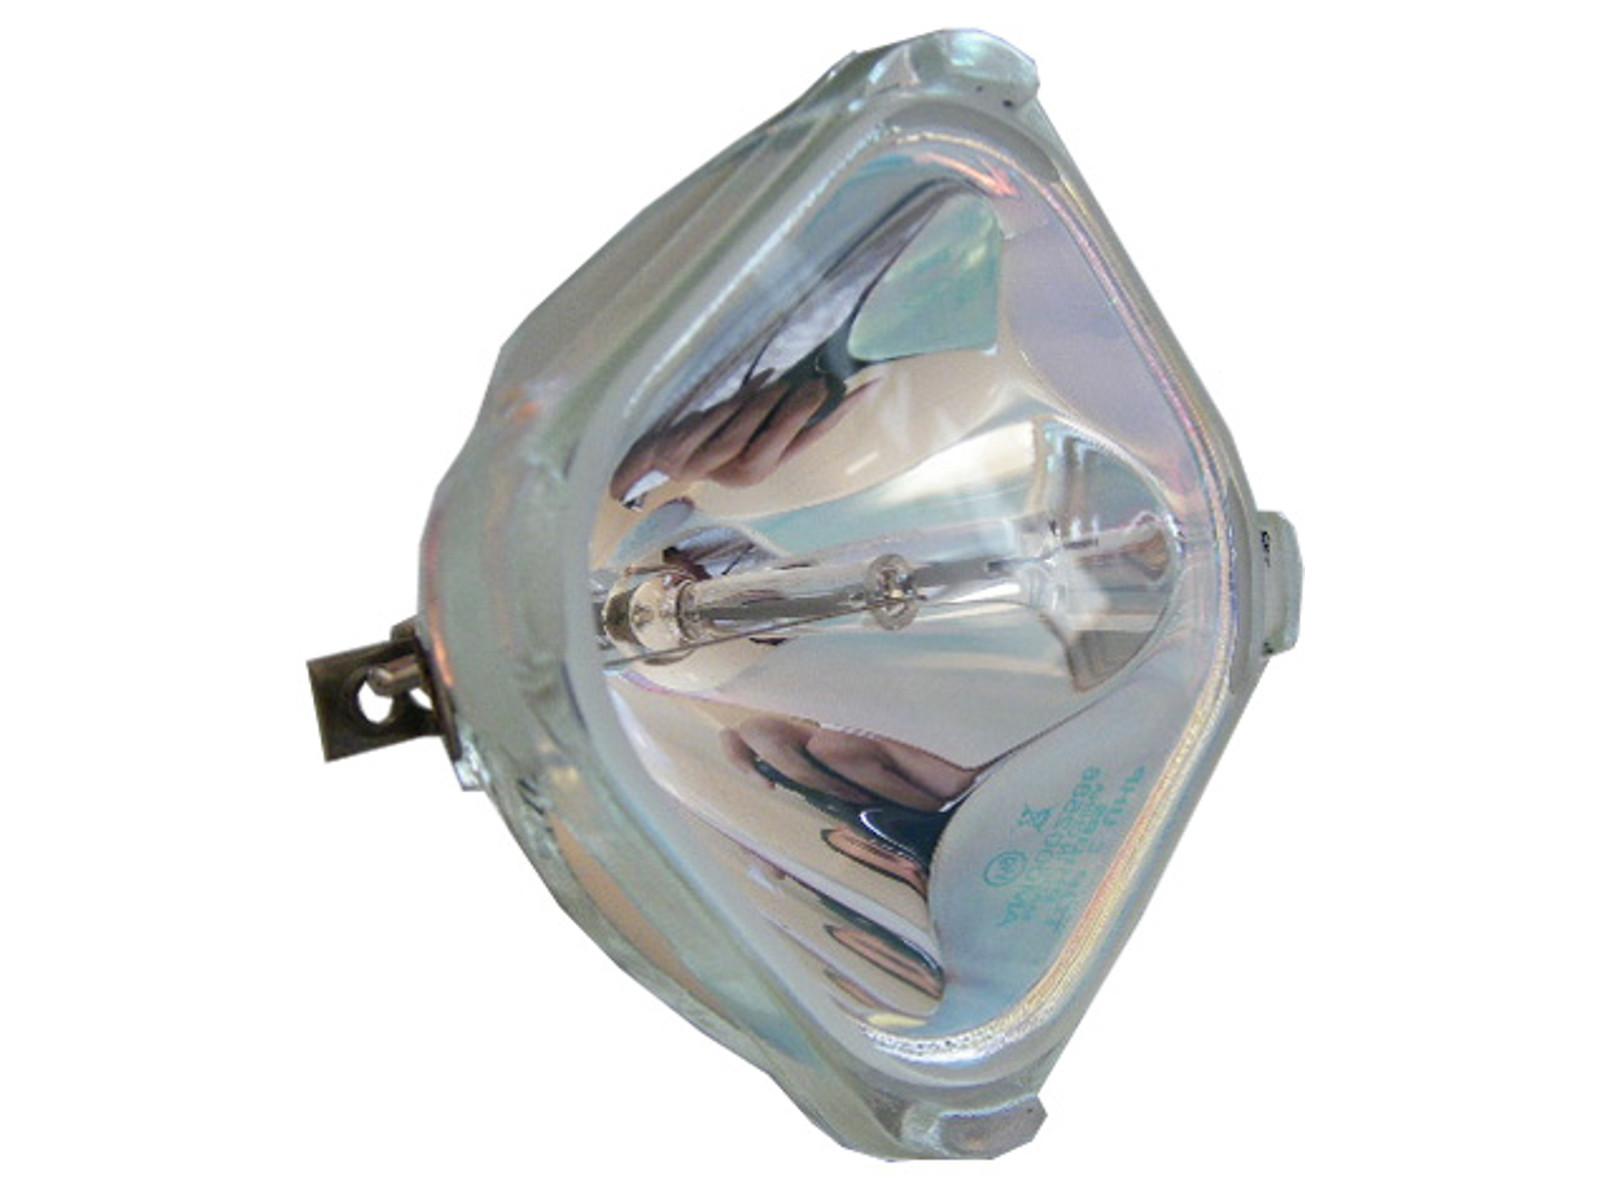 Lampa pro projektor LG AJ-LA30, 6912E00002A Lampa Philips